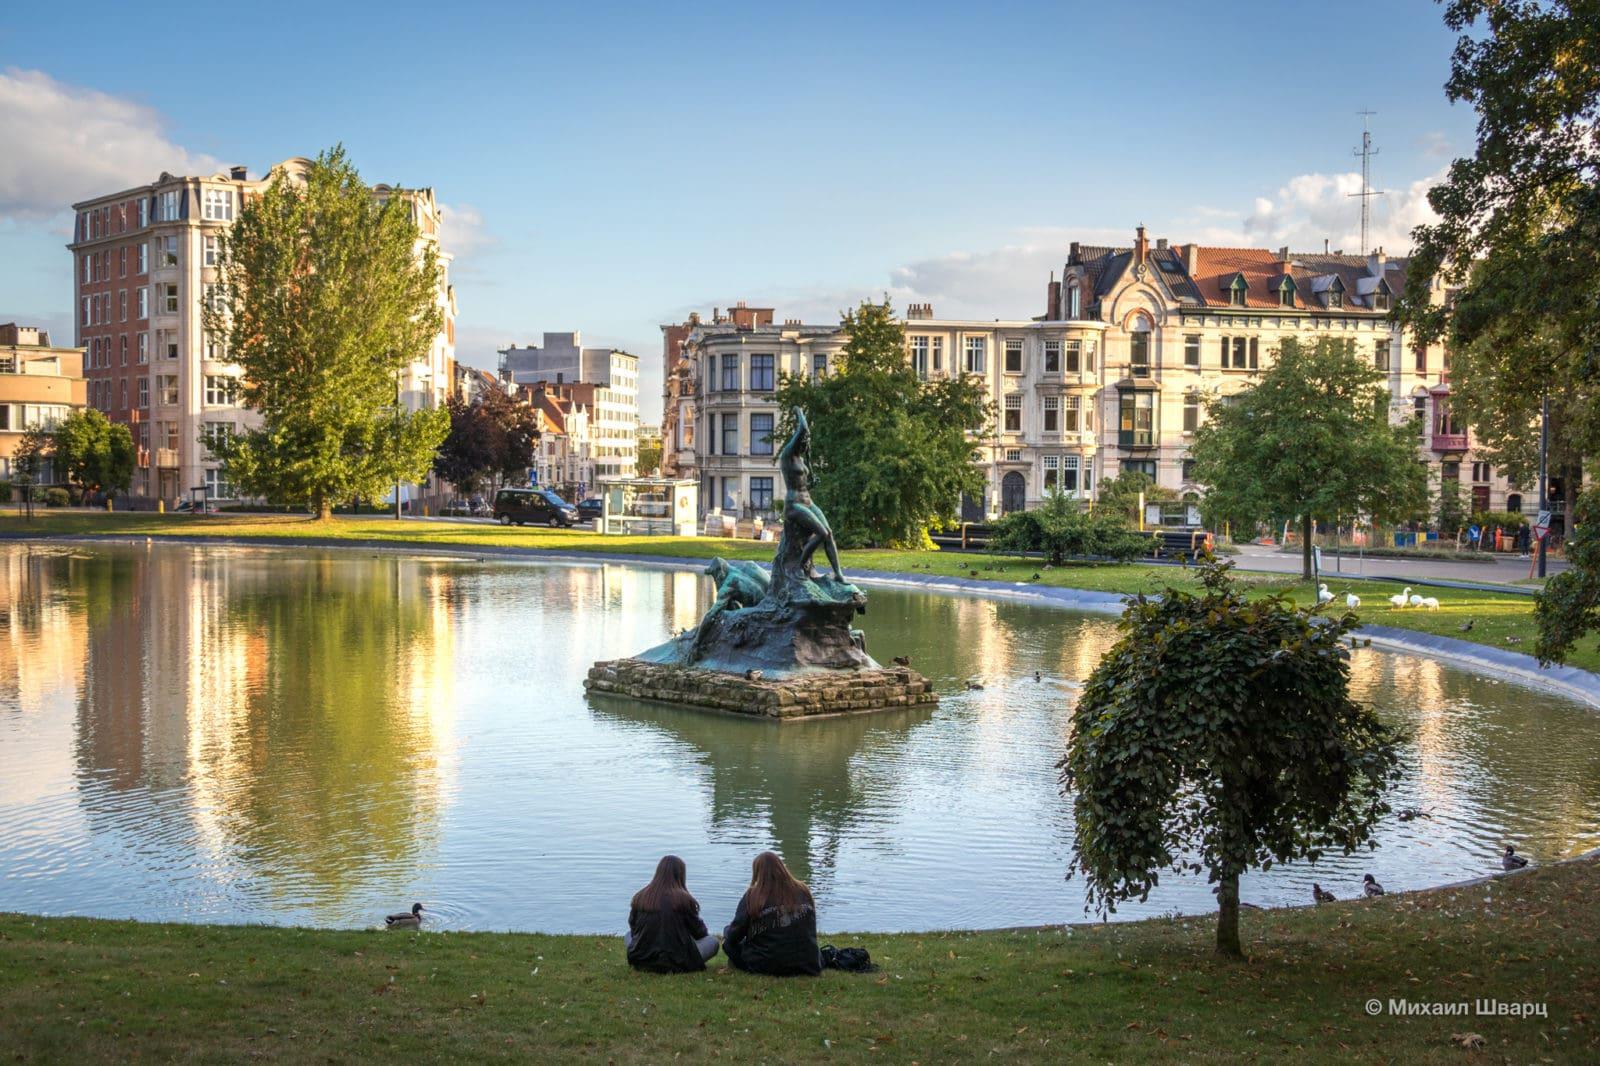 Озеро с уточками и скульптурой